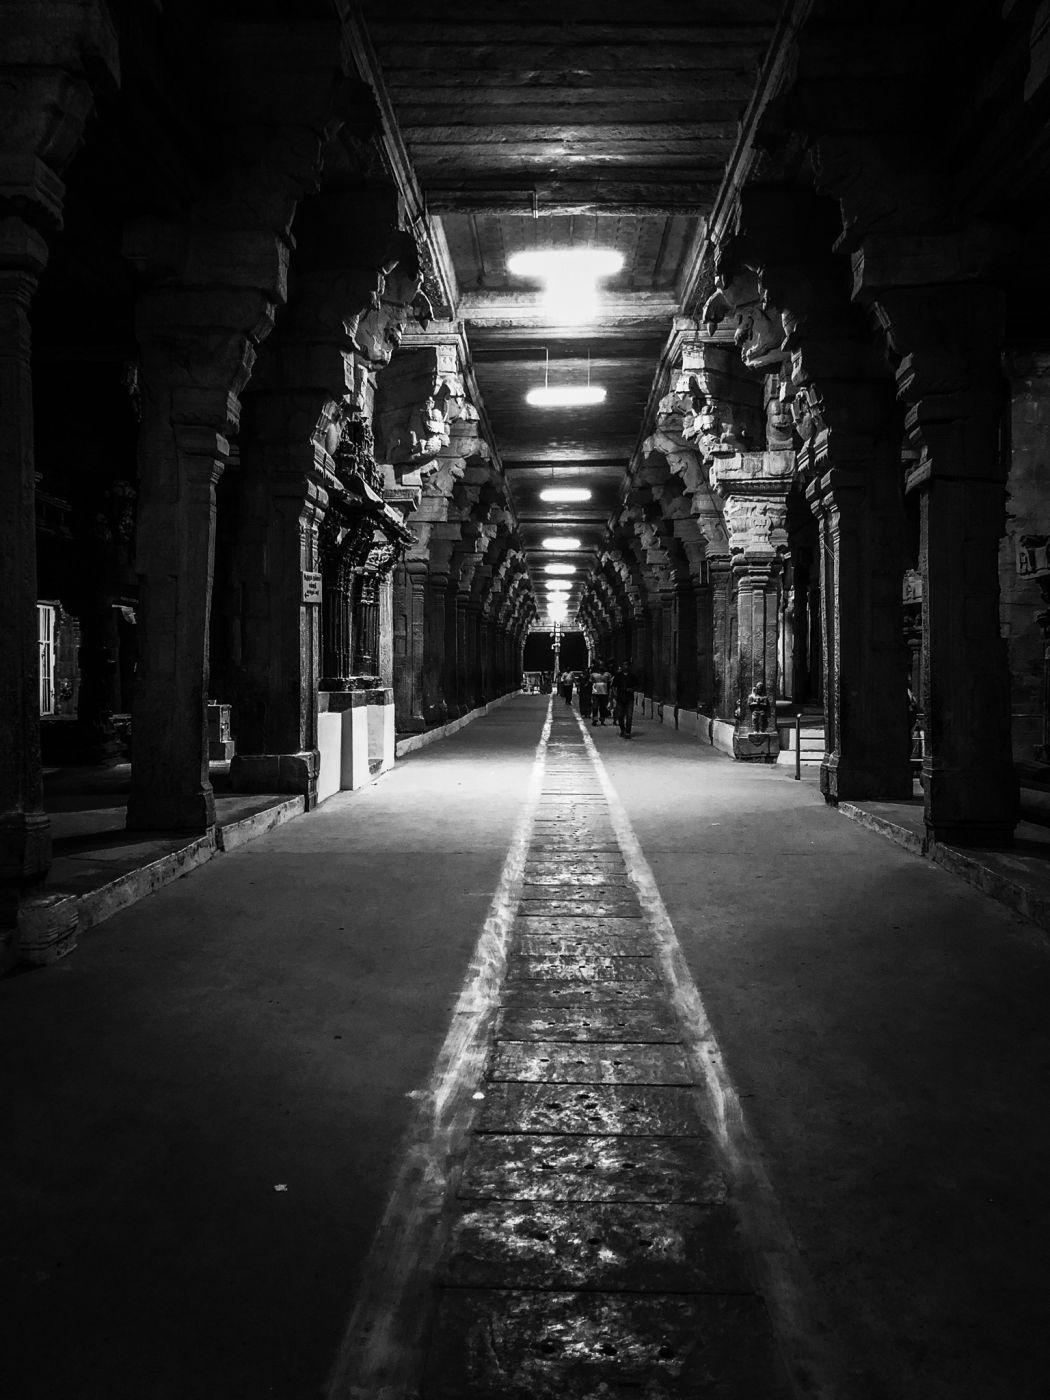 Temple corridor, India